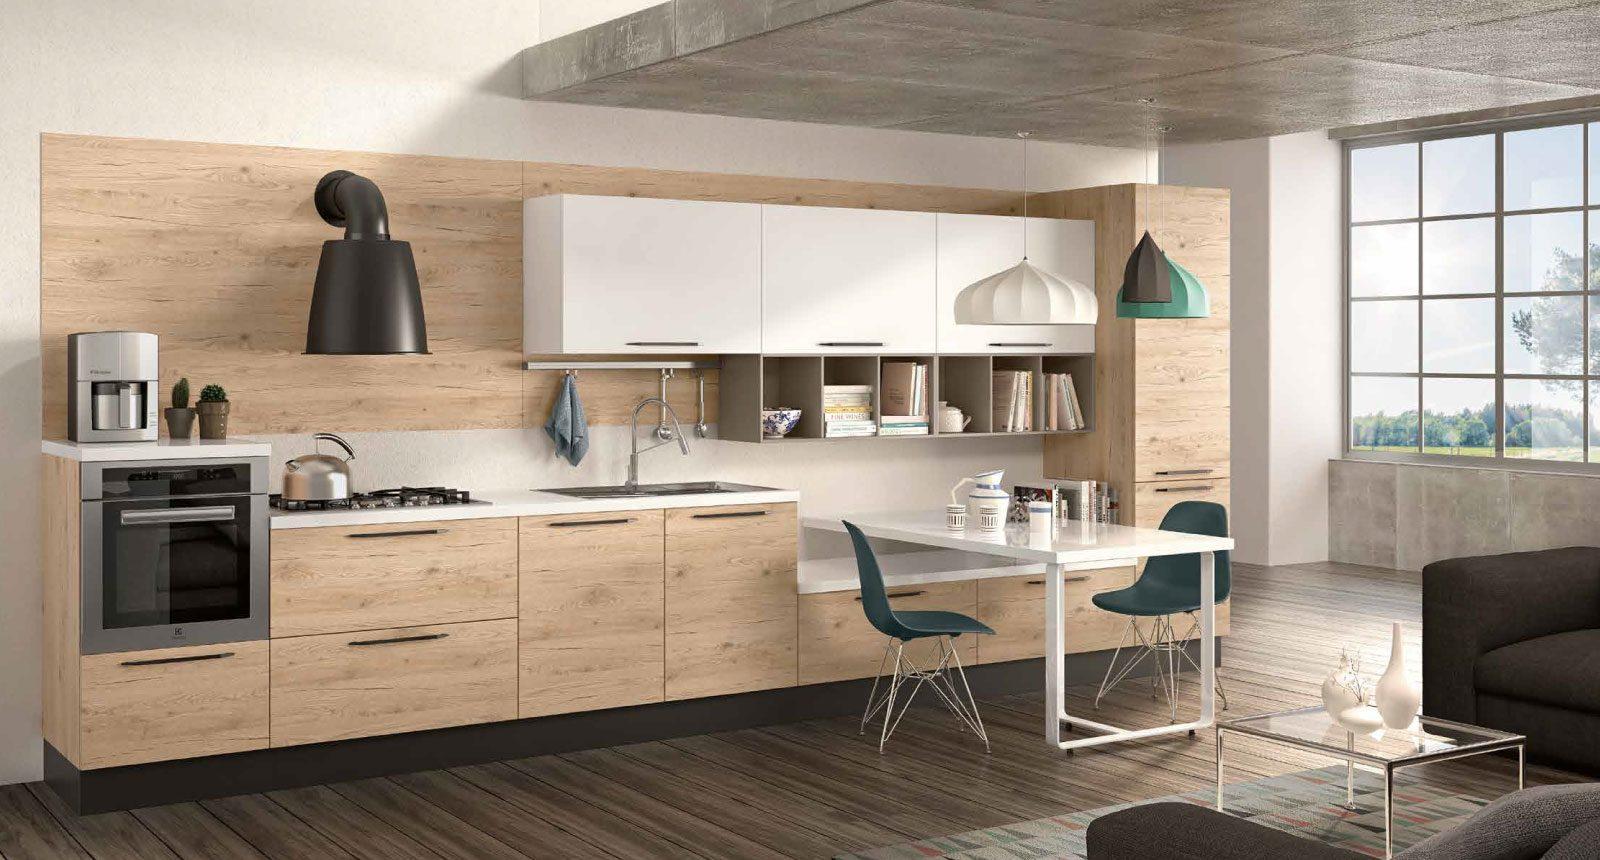 cuisiniste en vaucluse jm concept cuisine bain dressing en vaucluse. Black Bedroom Furniture Sets. Home Design Ideas